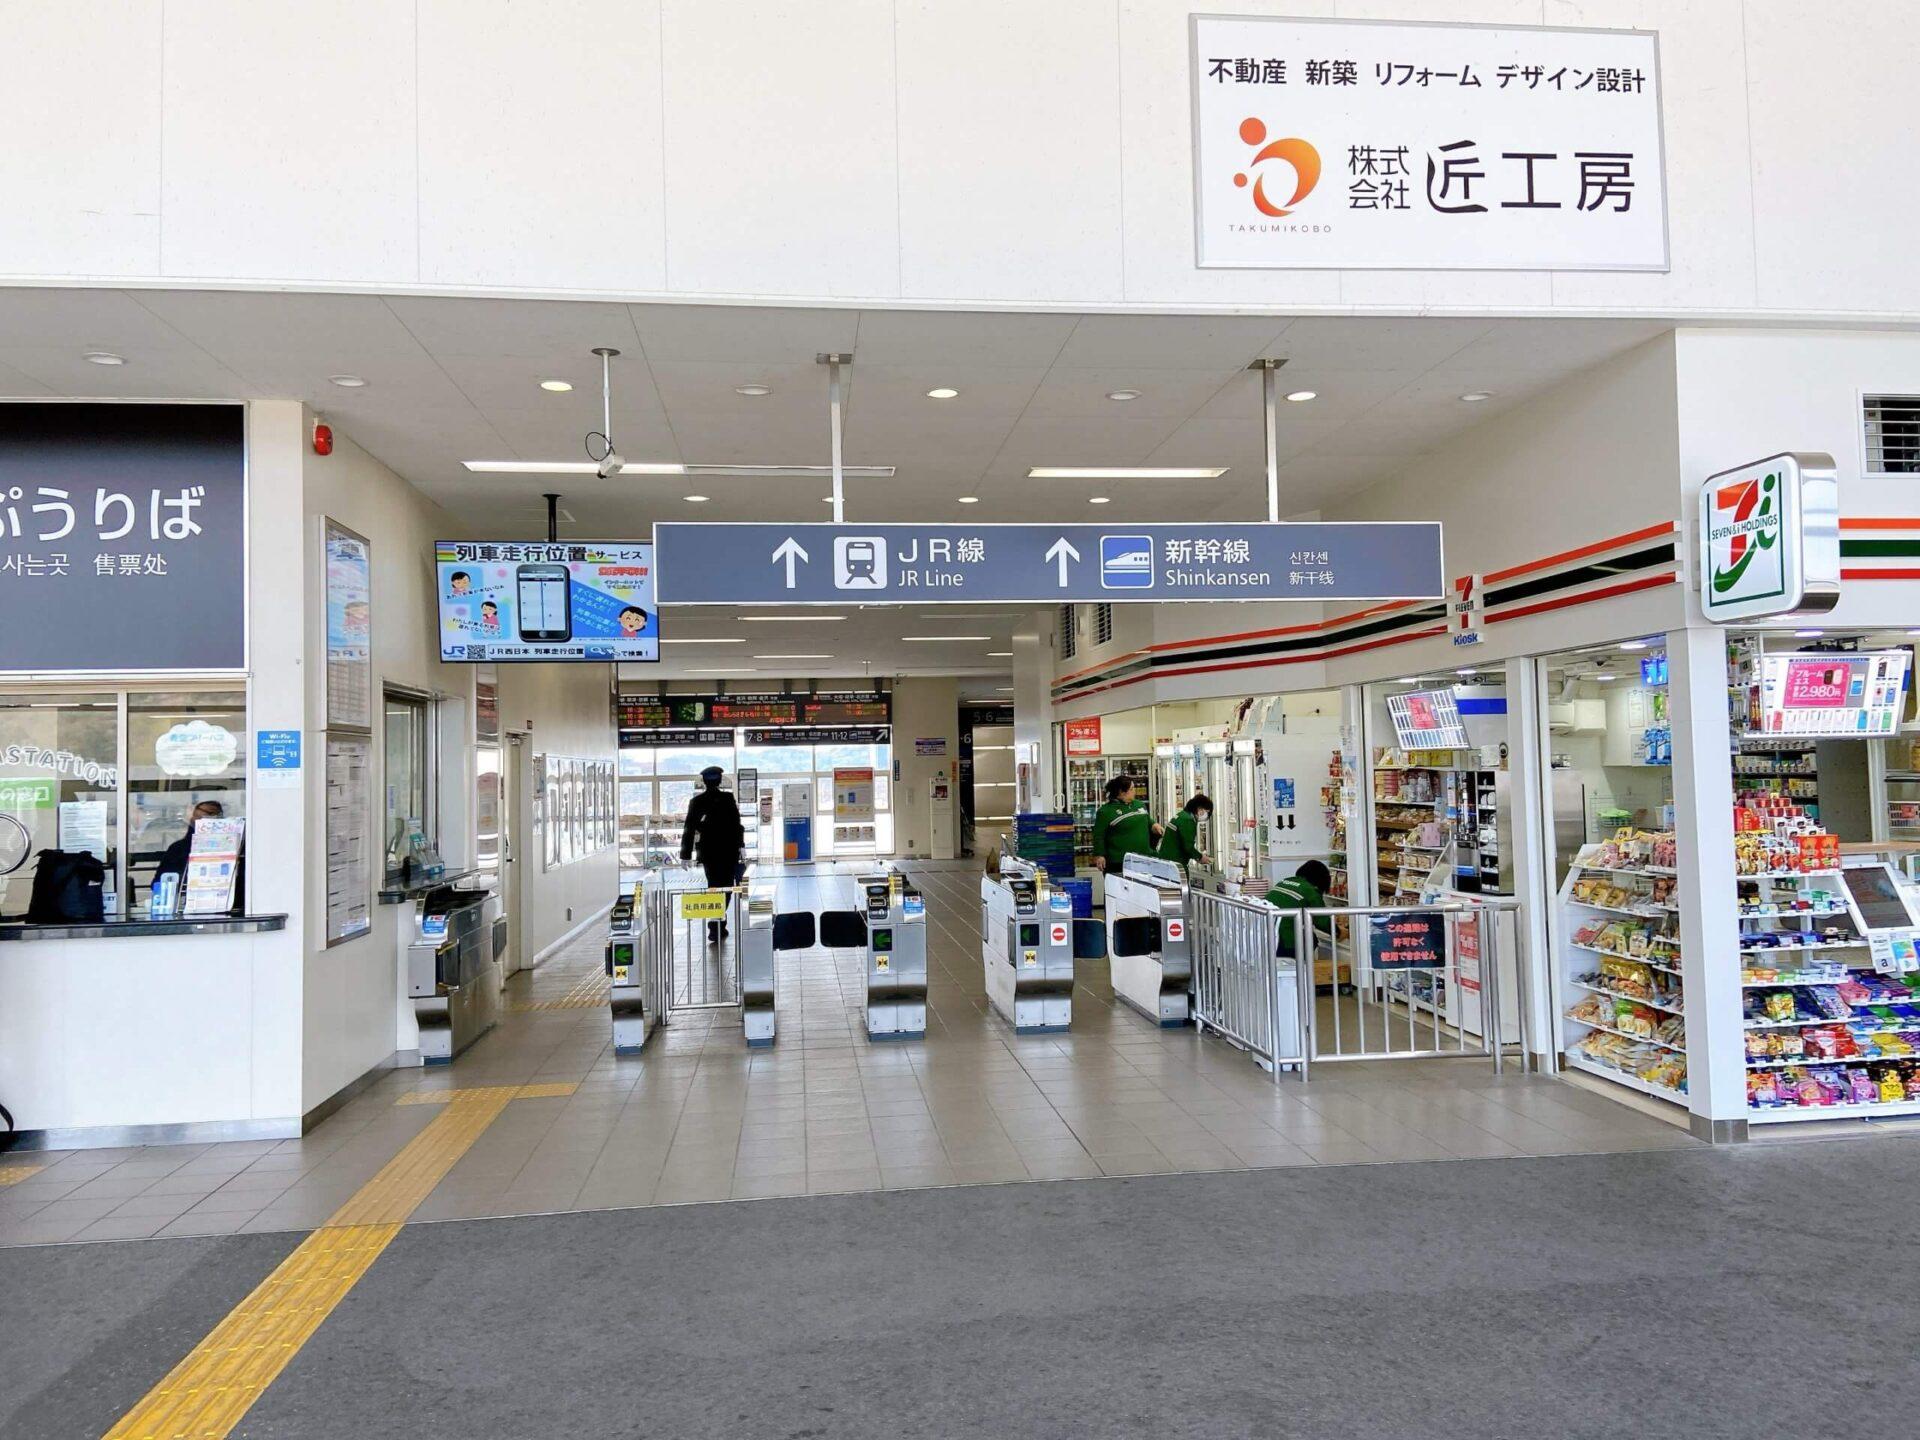 米原駅構内